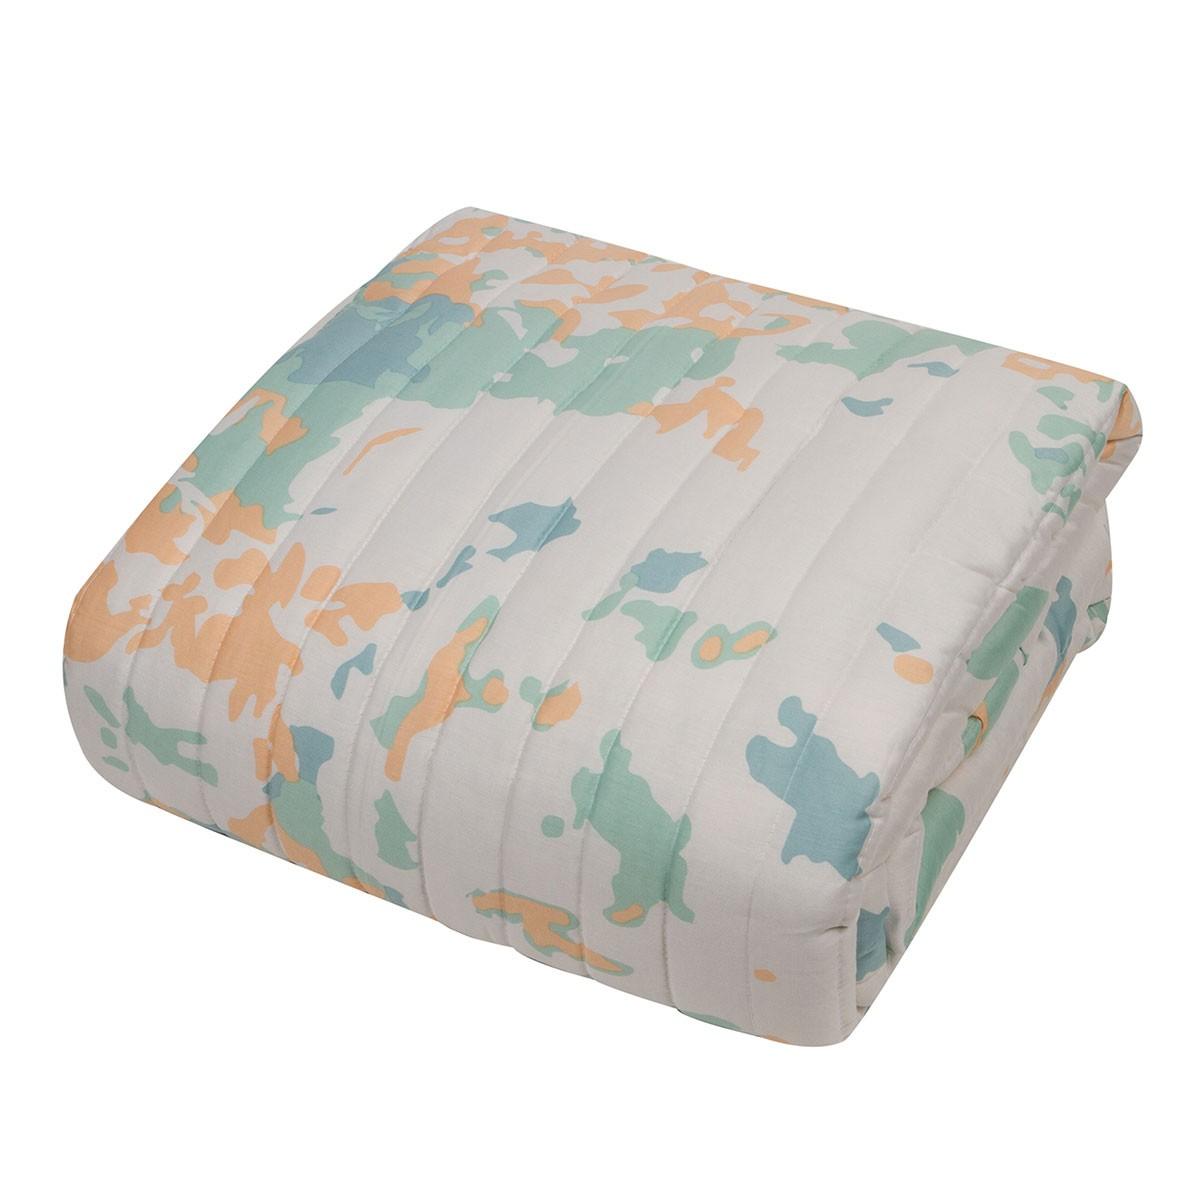 Πάπλωμα Υπέρδιπλο Laura Ashley Linen Case Flower Drops home   κρεβατοκάμαρα   παπλώματα   παπλώματα υπέρδιπλα